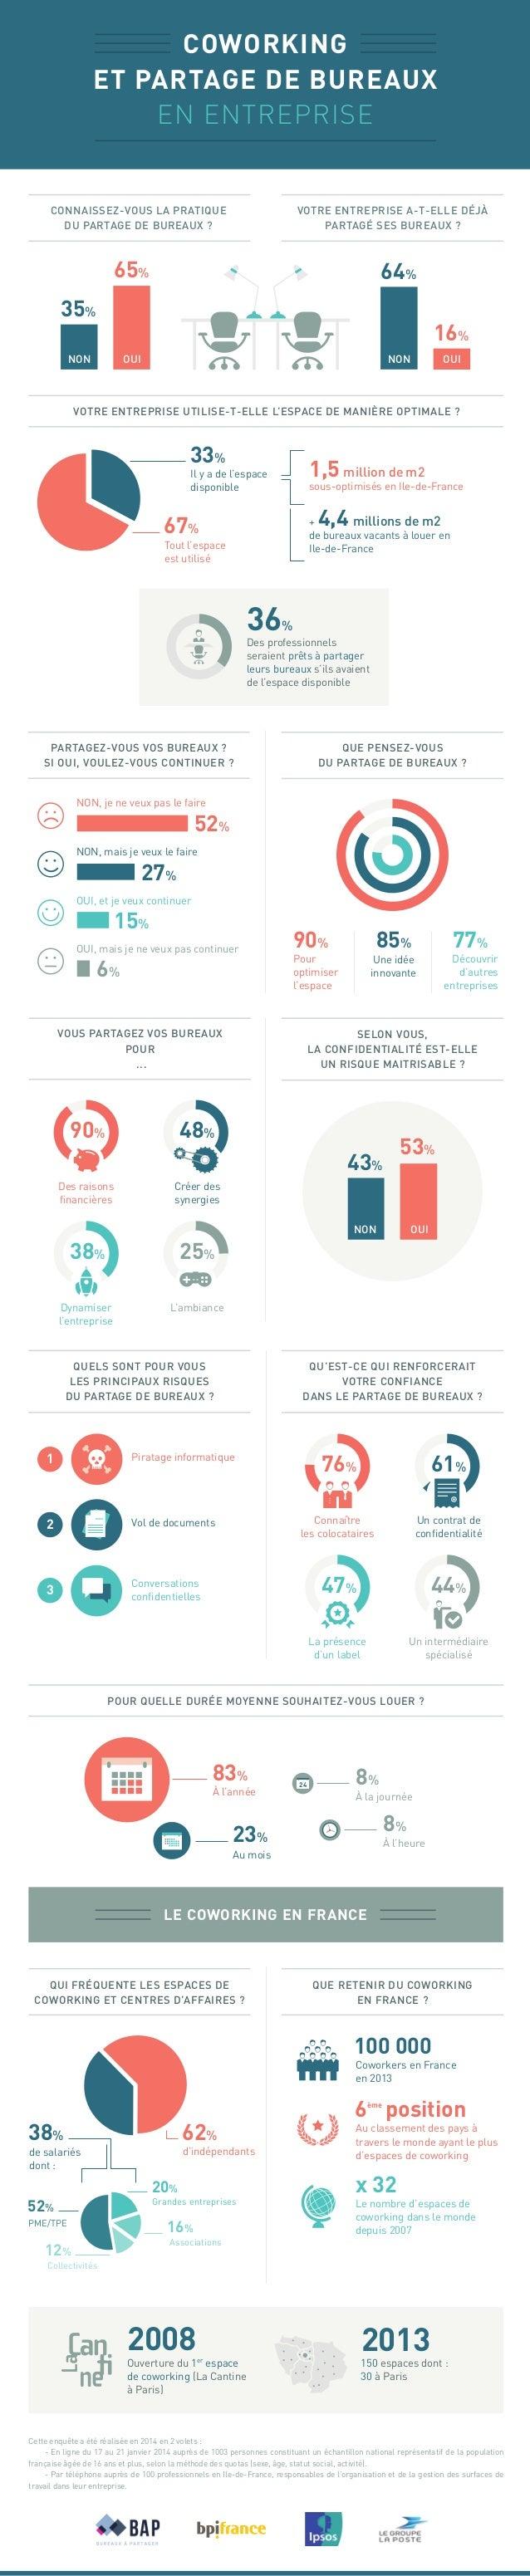 COWORKING  ET PARTAGE DE BUREAUX  EN ENTREPRISE  64%  NON OUI NON  OUI  VOTRE ENTREPRISE UTILISE-T-ELLE L'ESPACE DE MANIÈR...